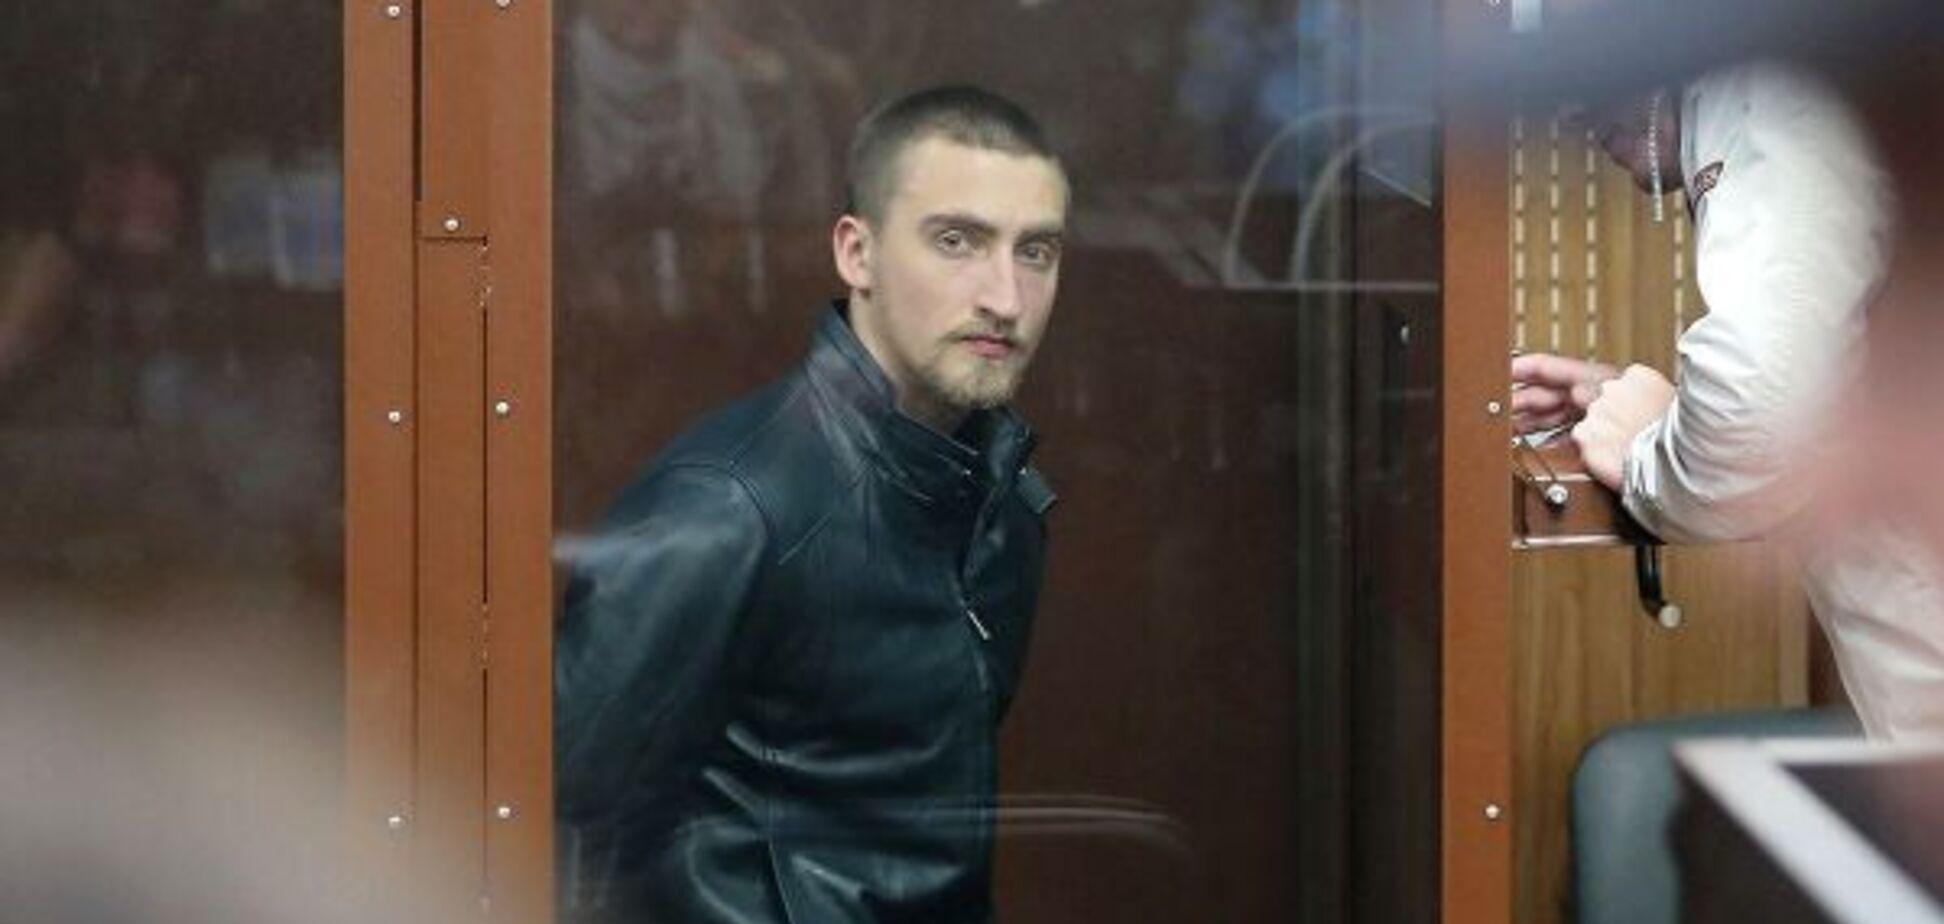 'Справедливость восторжествовала!' Сеть в восторге от освобождения Устинова в РФ